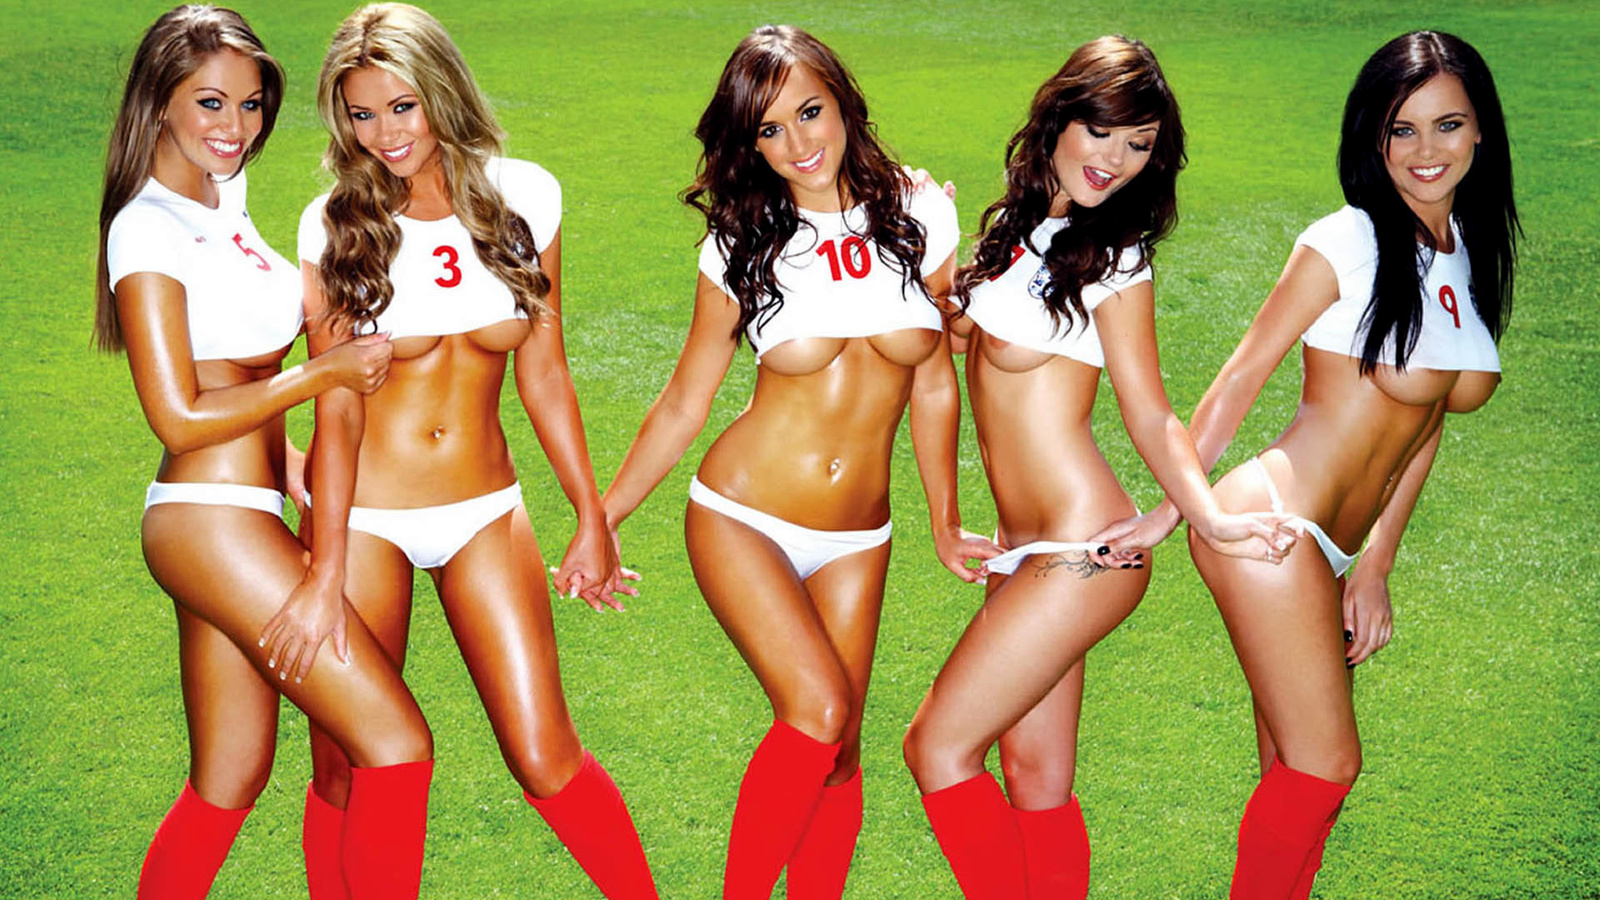 Смотреть порно про женскую футбольную команду 21 фотография